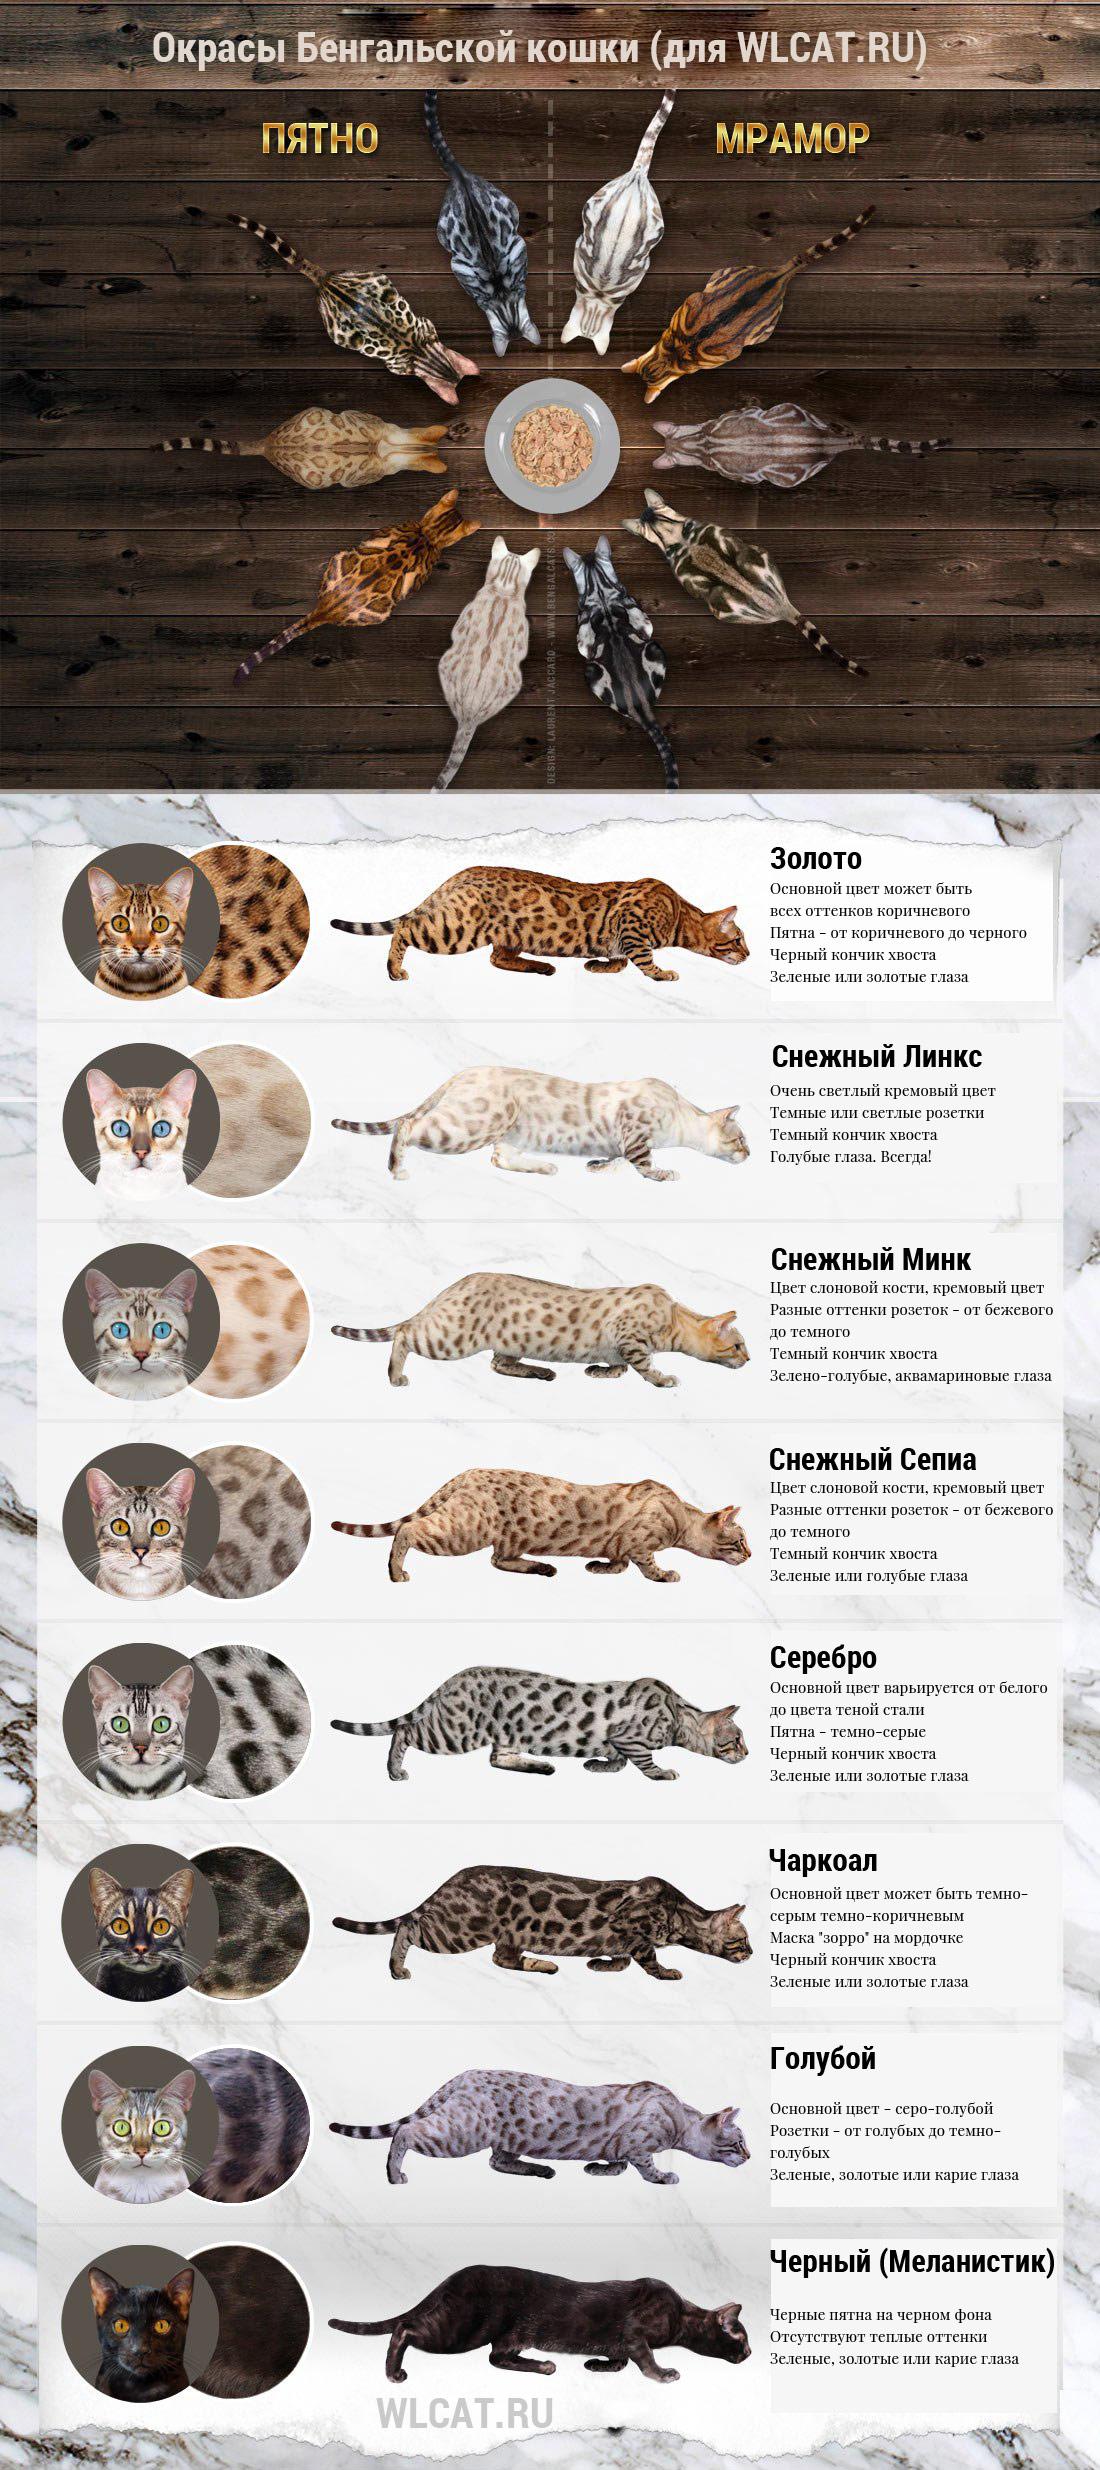 Окрасы бенгальской кошки, цвета и узоры